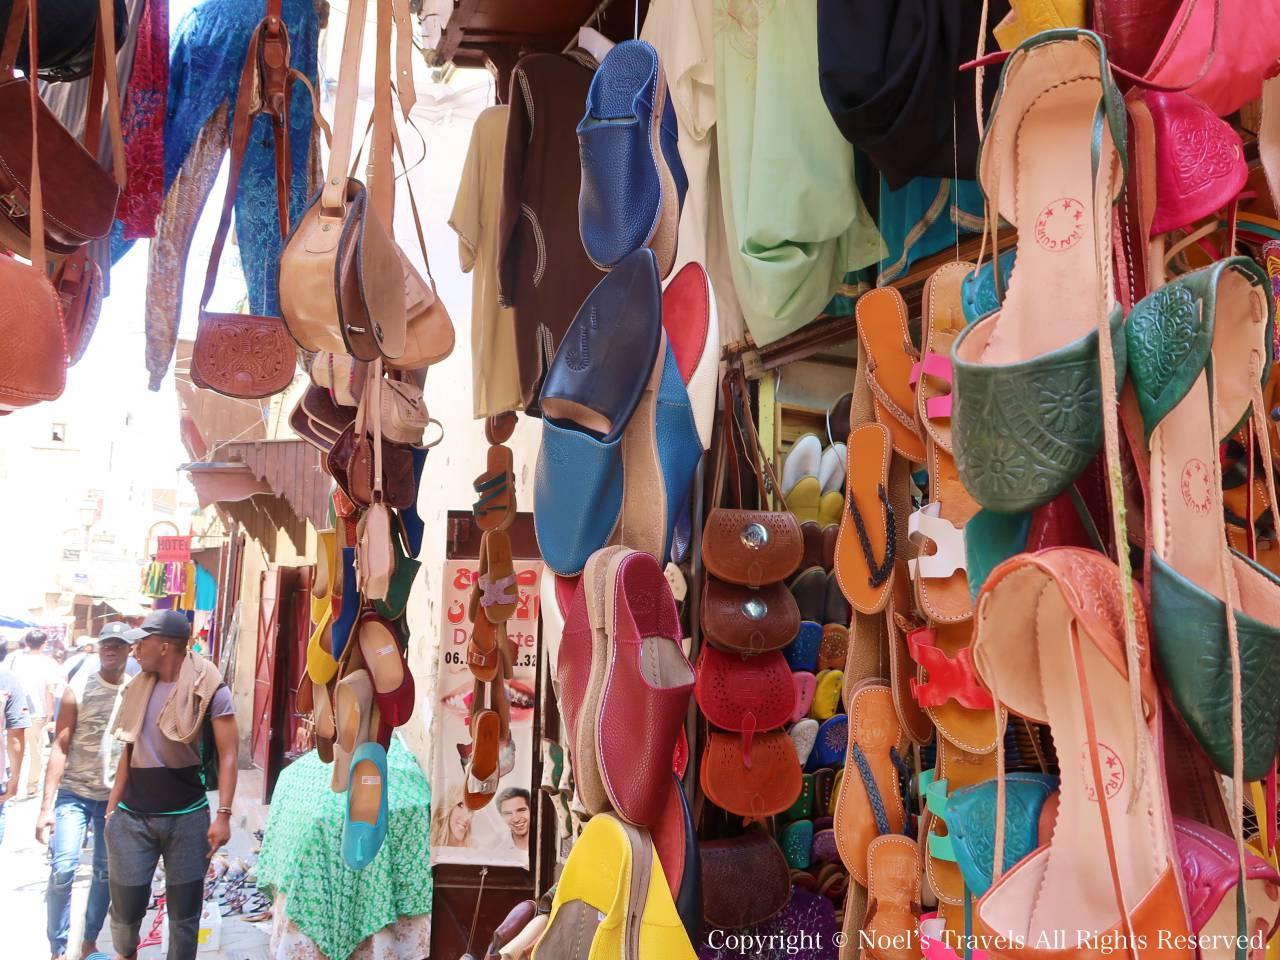 フェズの旧市街の革製品店